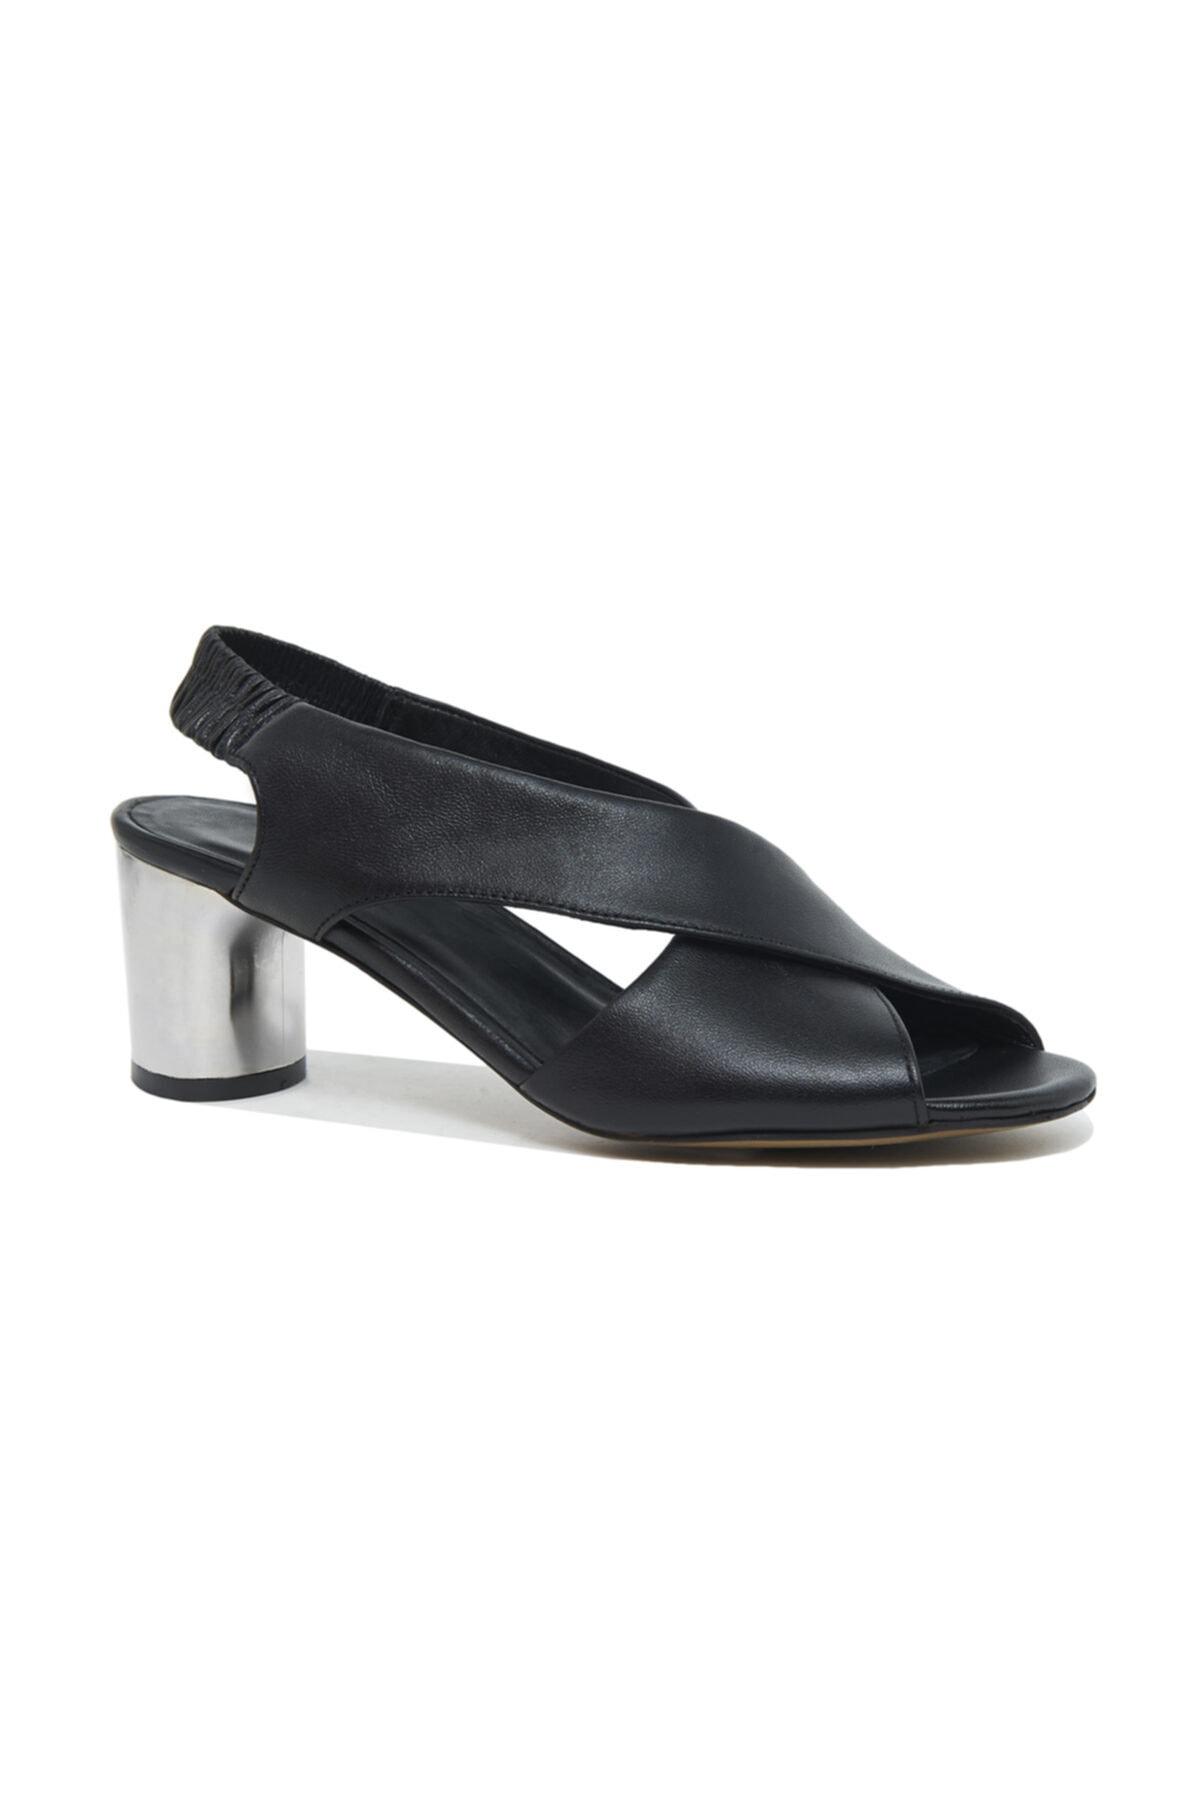 Desa Arrianna Kadın Deri Gümüş Topuklu Sandalet 1